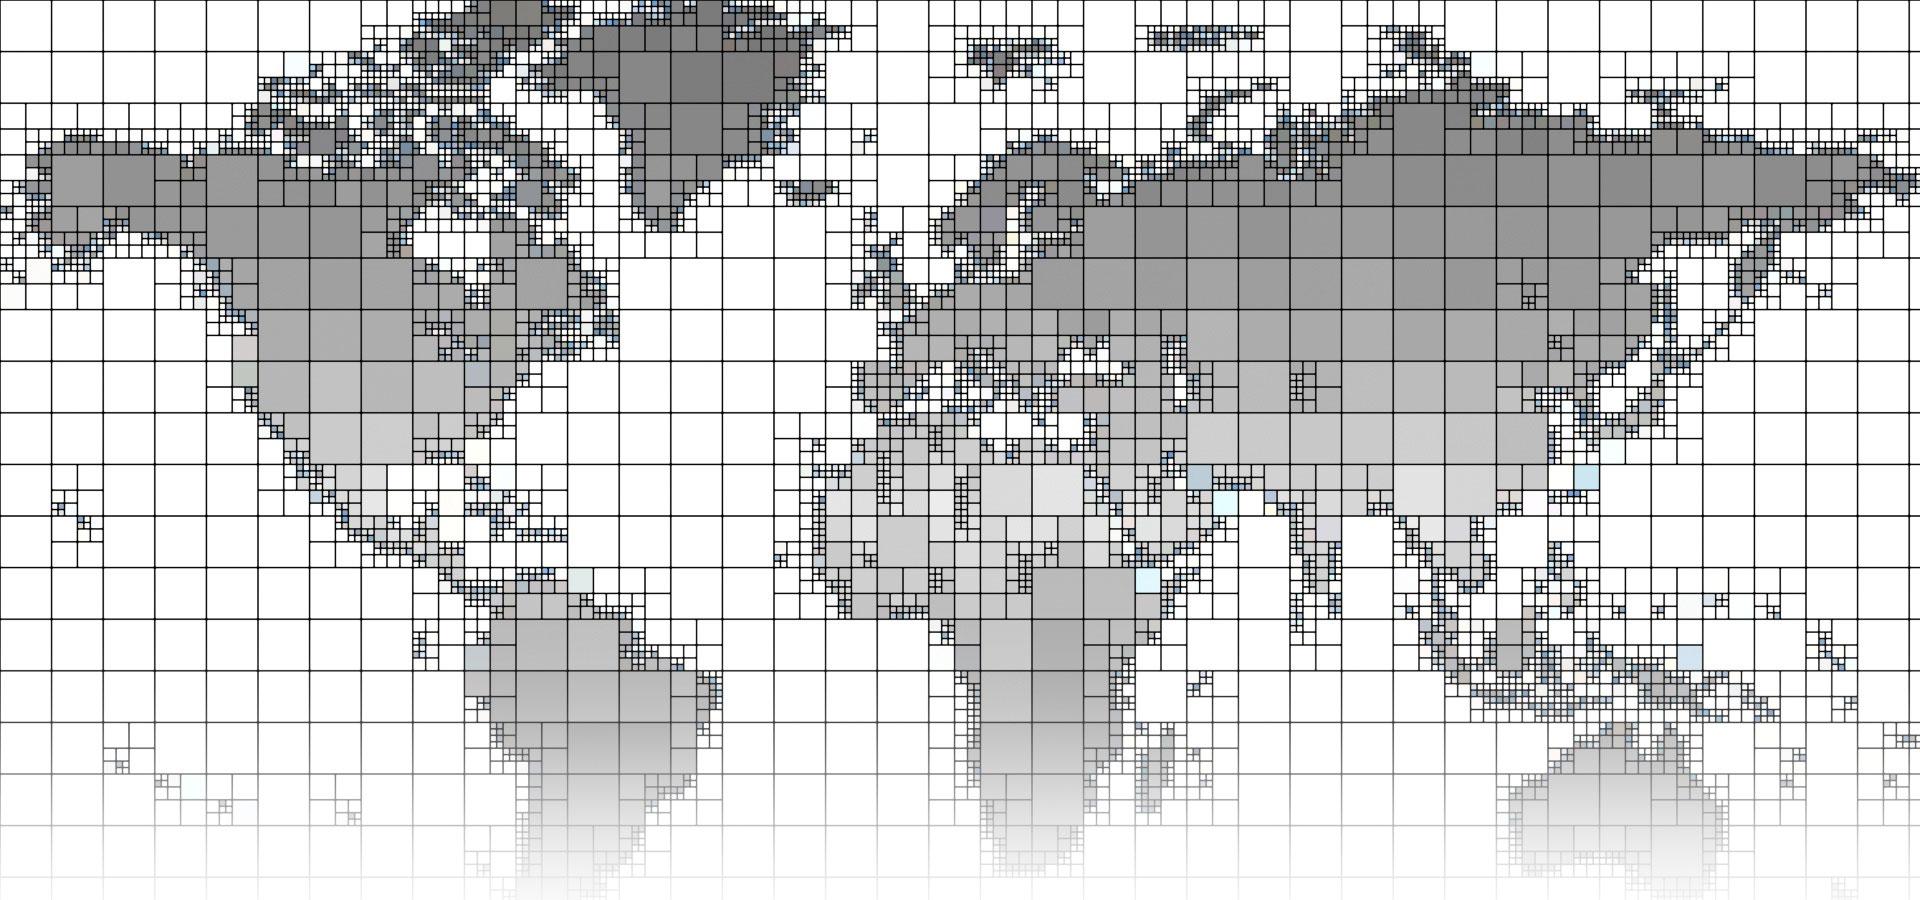 Weltkarte-web60